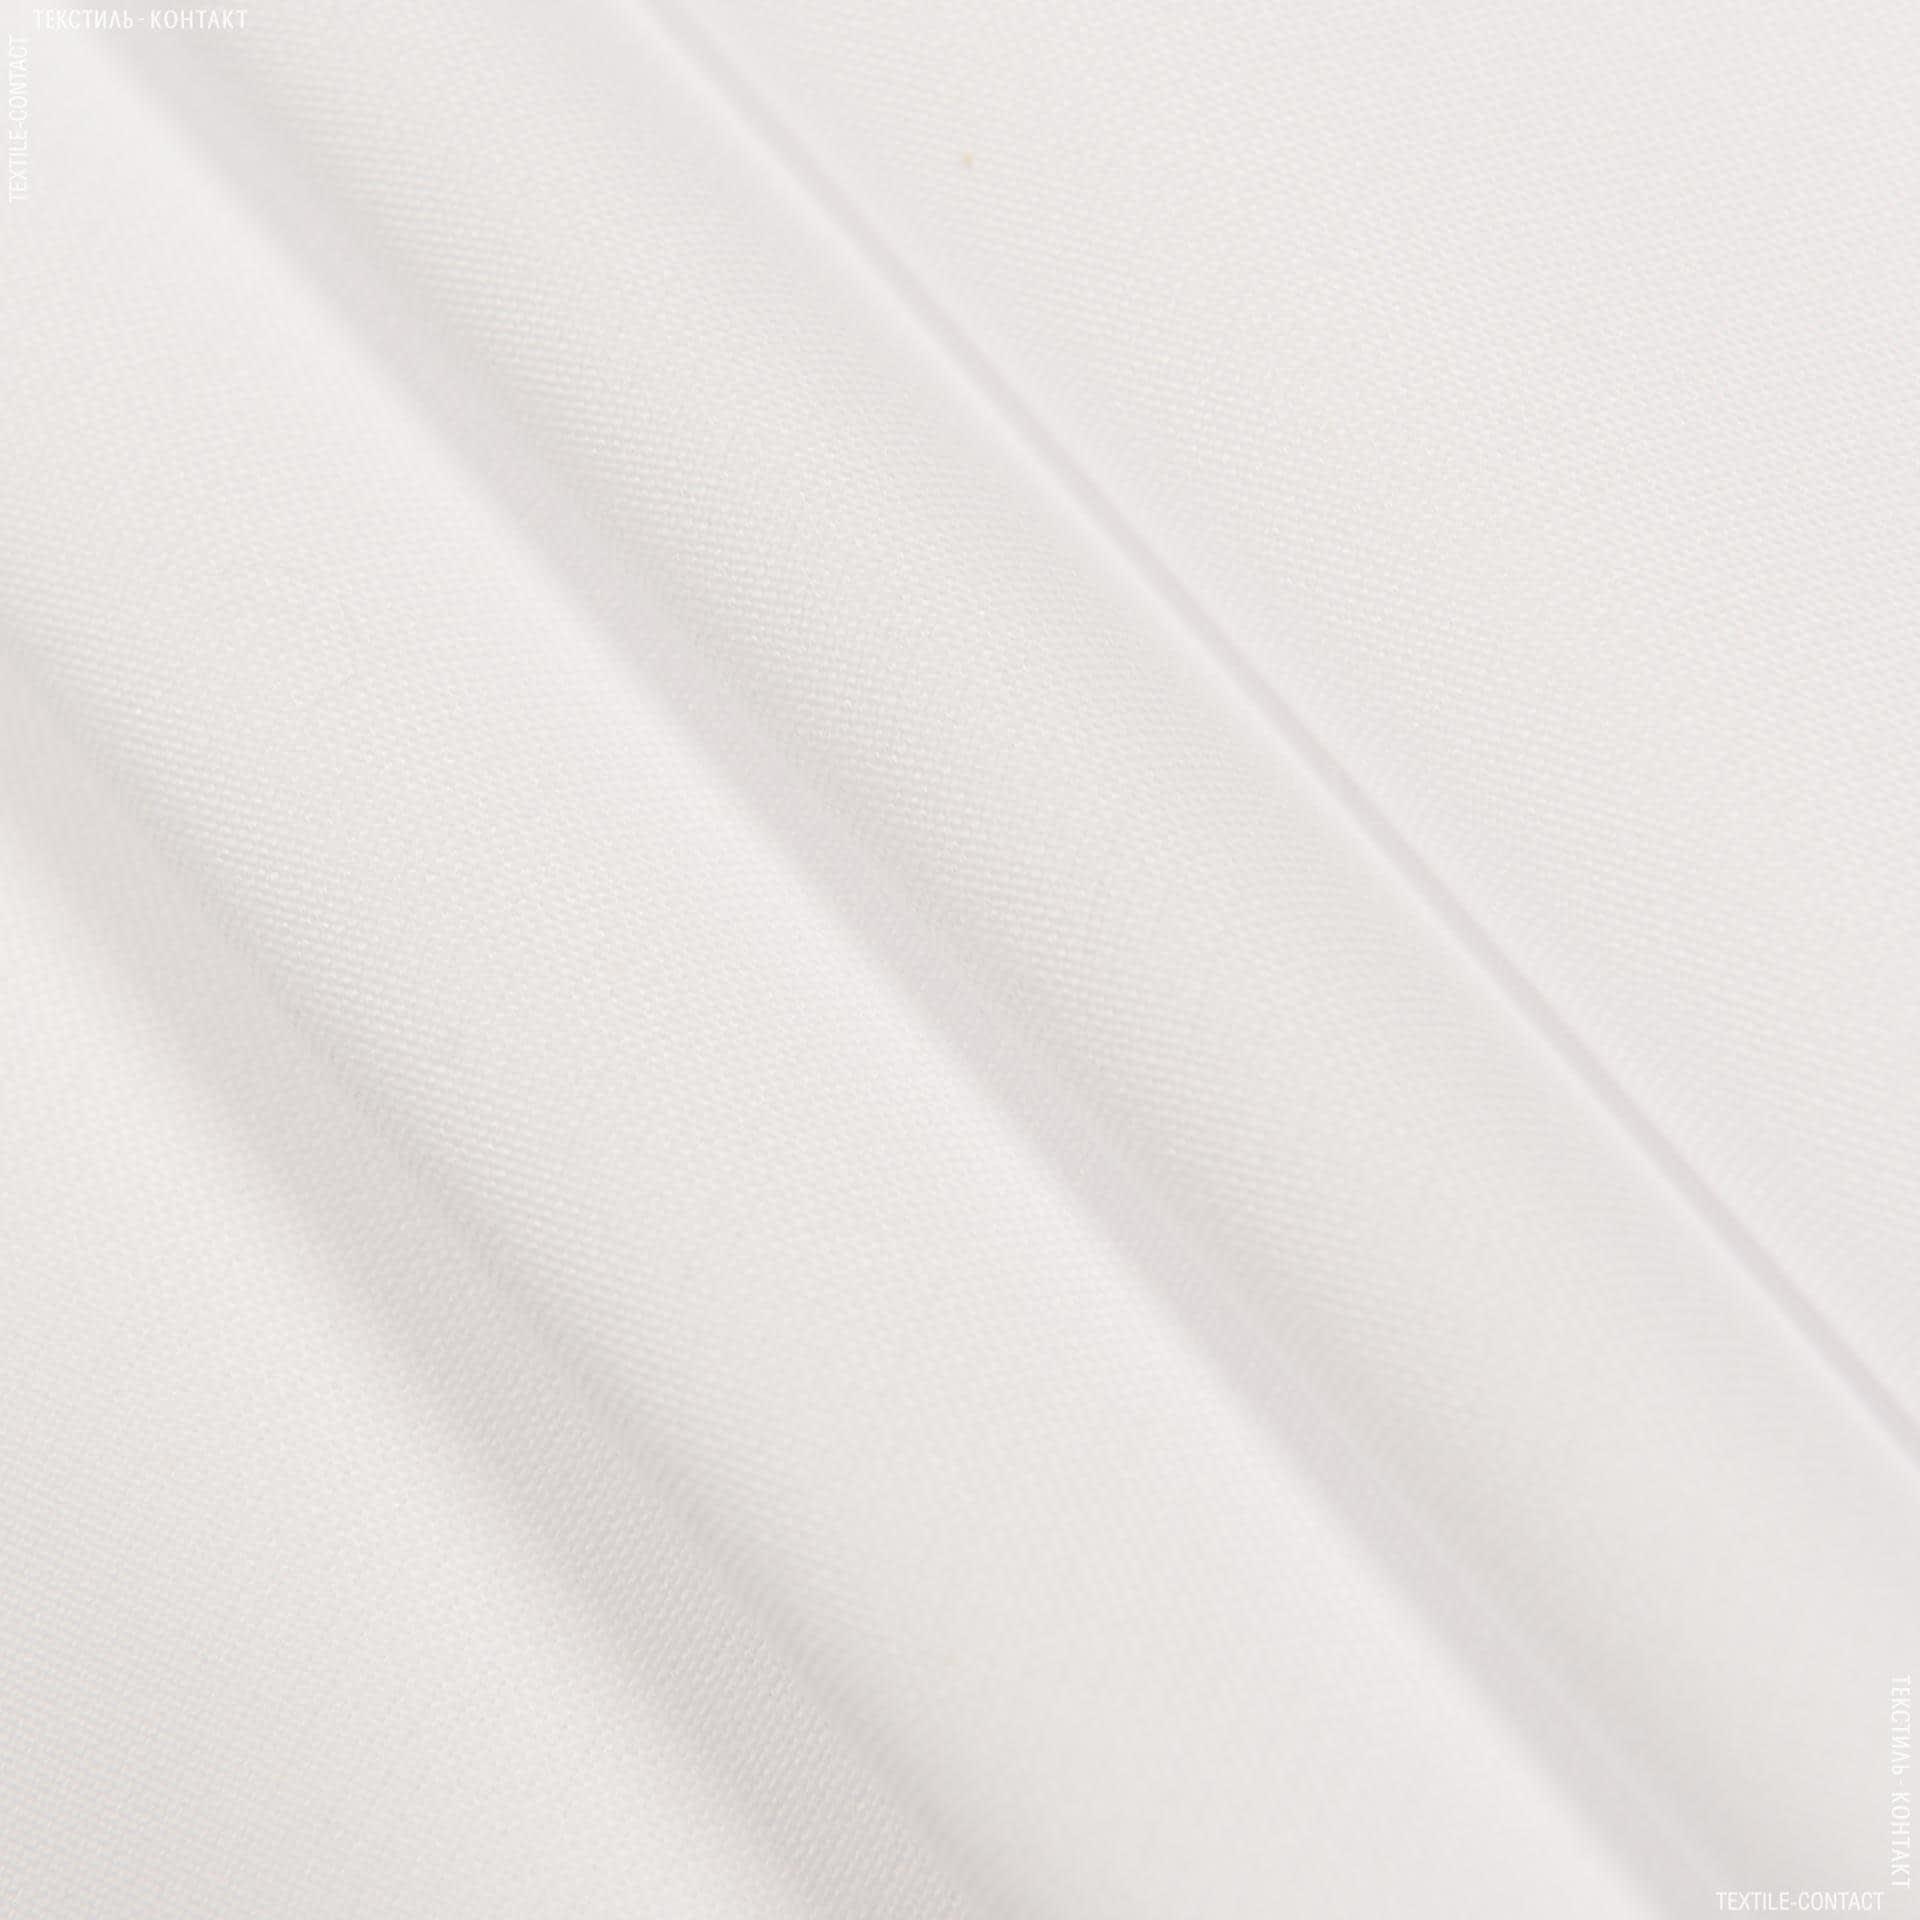 Тканини для суконь - Тканина сорочкова тпк-160 (дніпро)